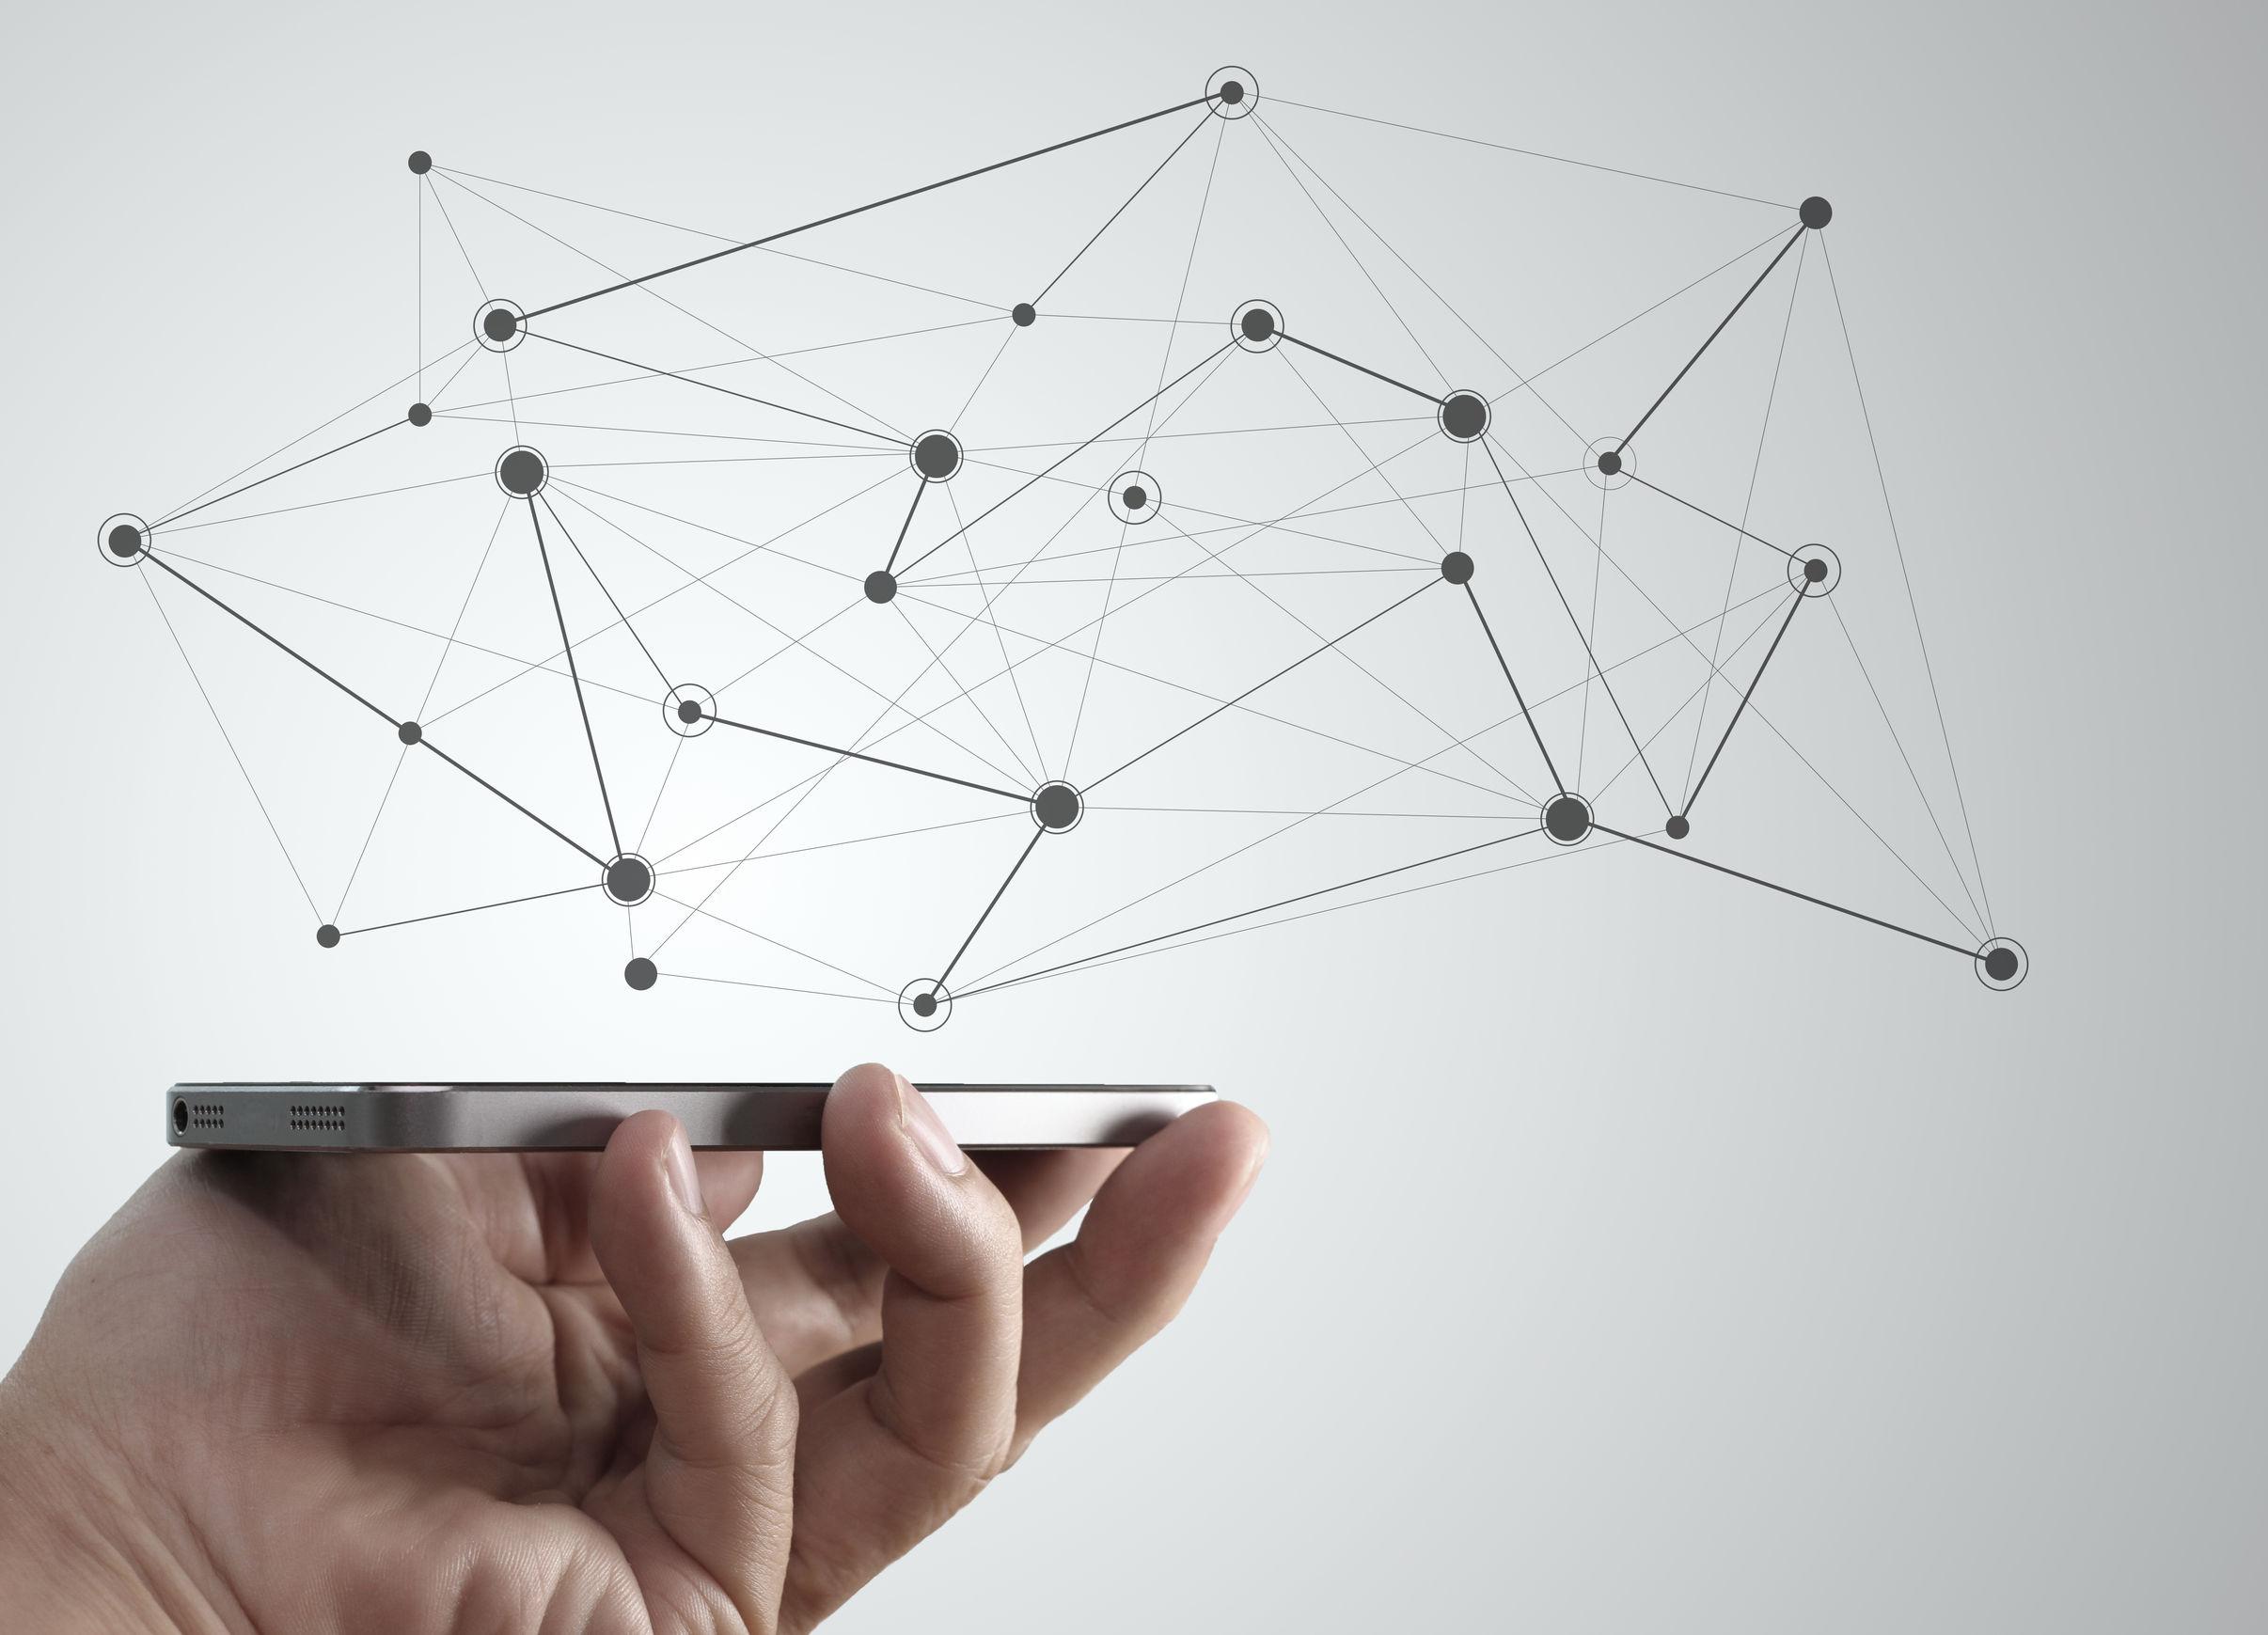 wirless-networking